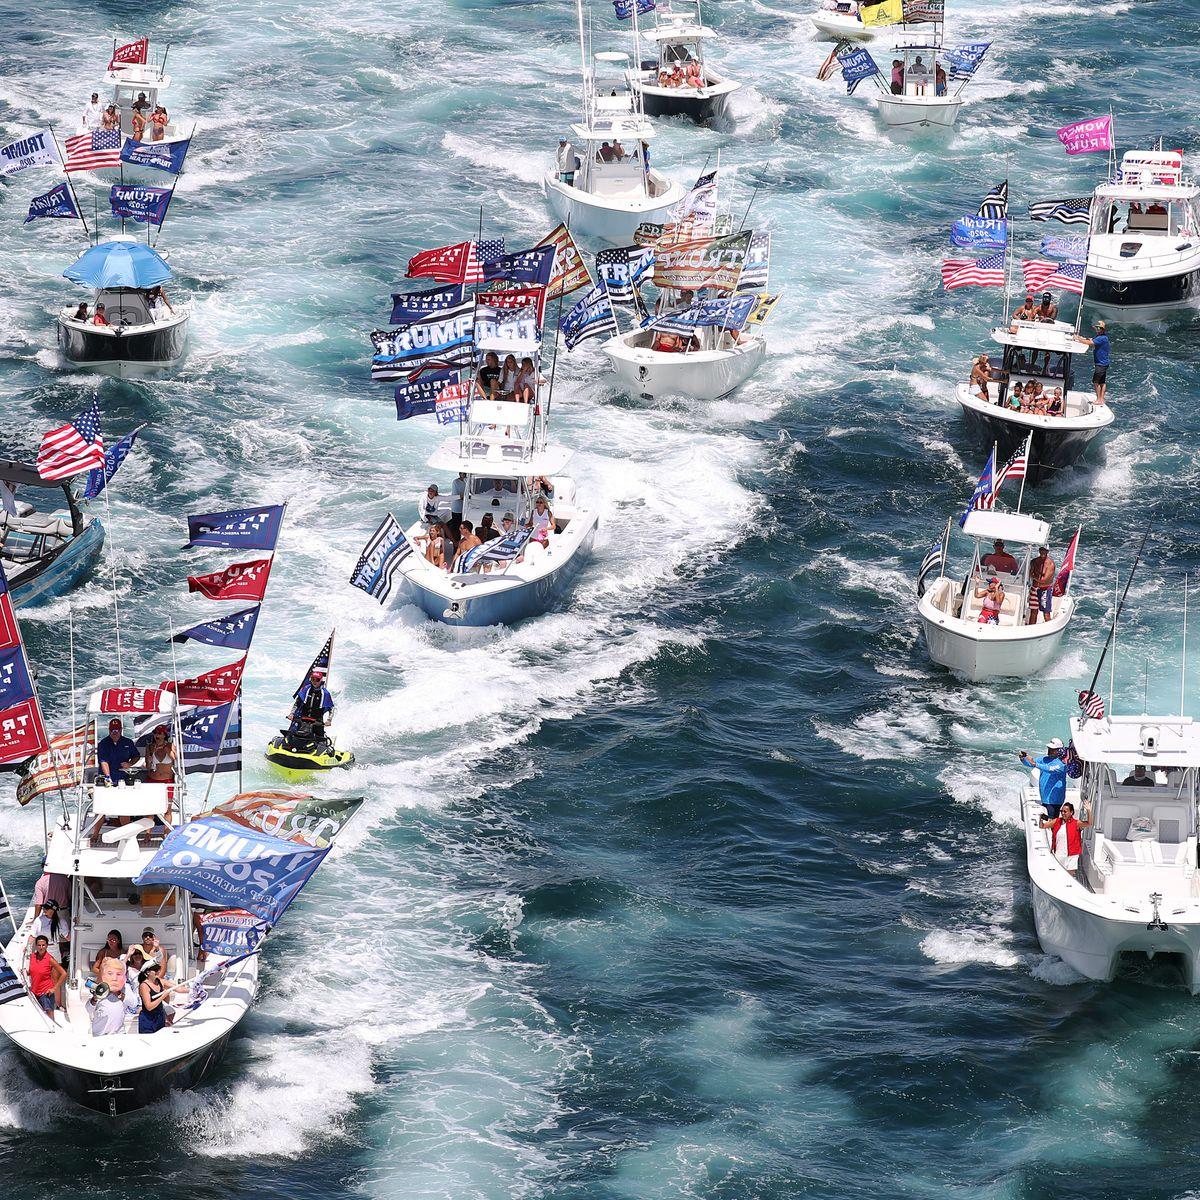 Boats Keep Sinking And Capsizing At The Trump Boat Parades